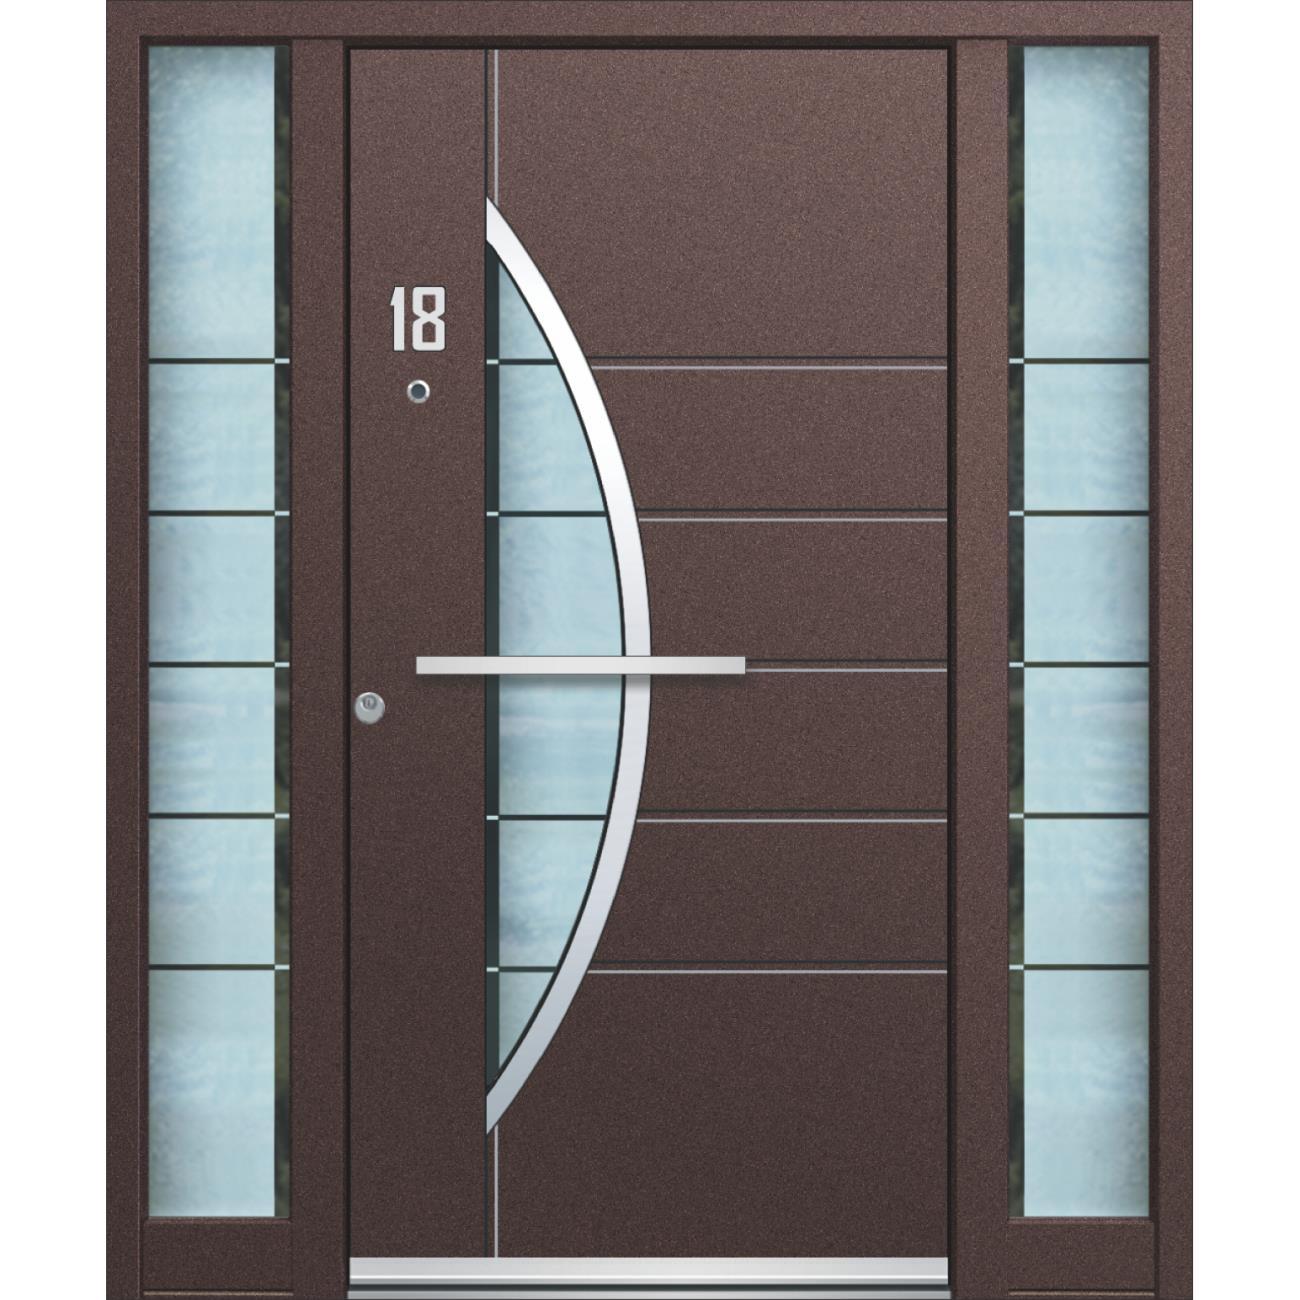 t renfux ak 218 ms 5374. Black Bedroom Furniture Sets. Home Design Ideas